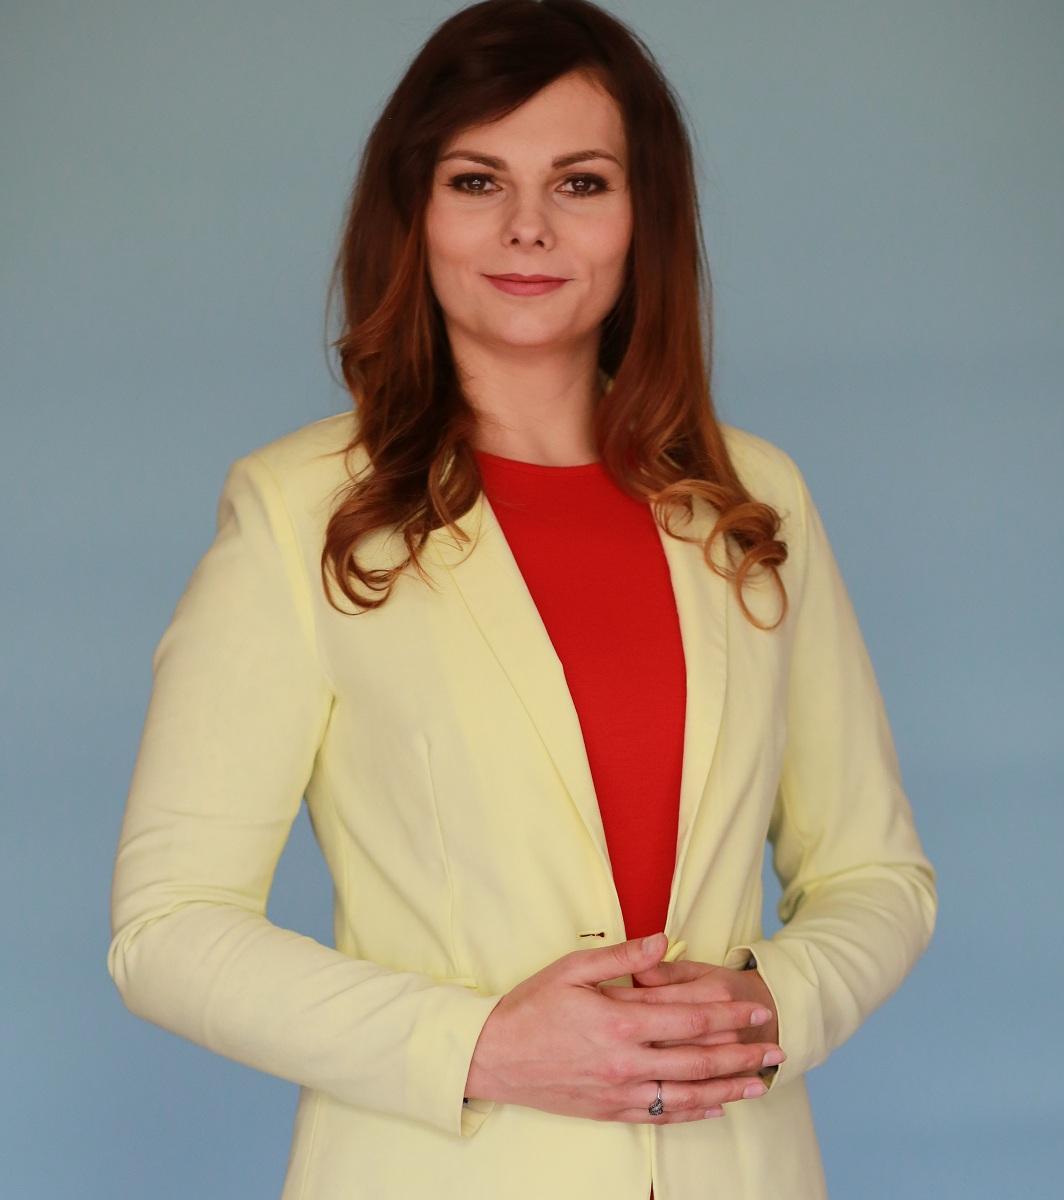 Samorząd to ludzie, nie partie. Wywiad z Magdaleną Gajewską, wójtem gminy Zarszyn - Zdjęcie główne